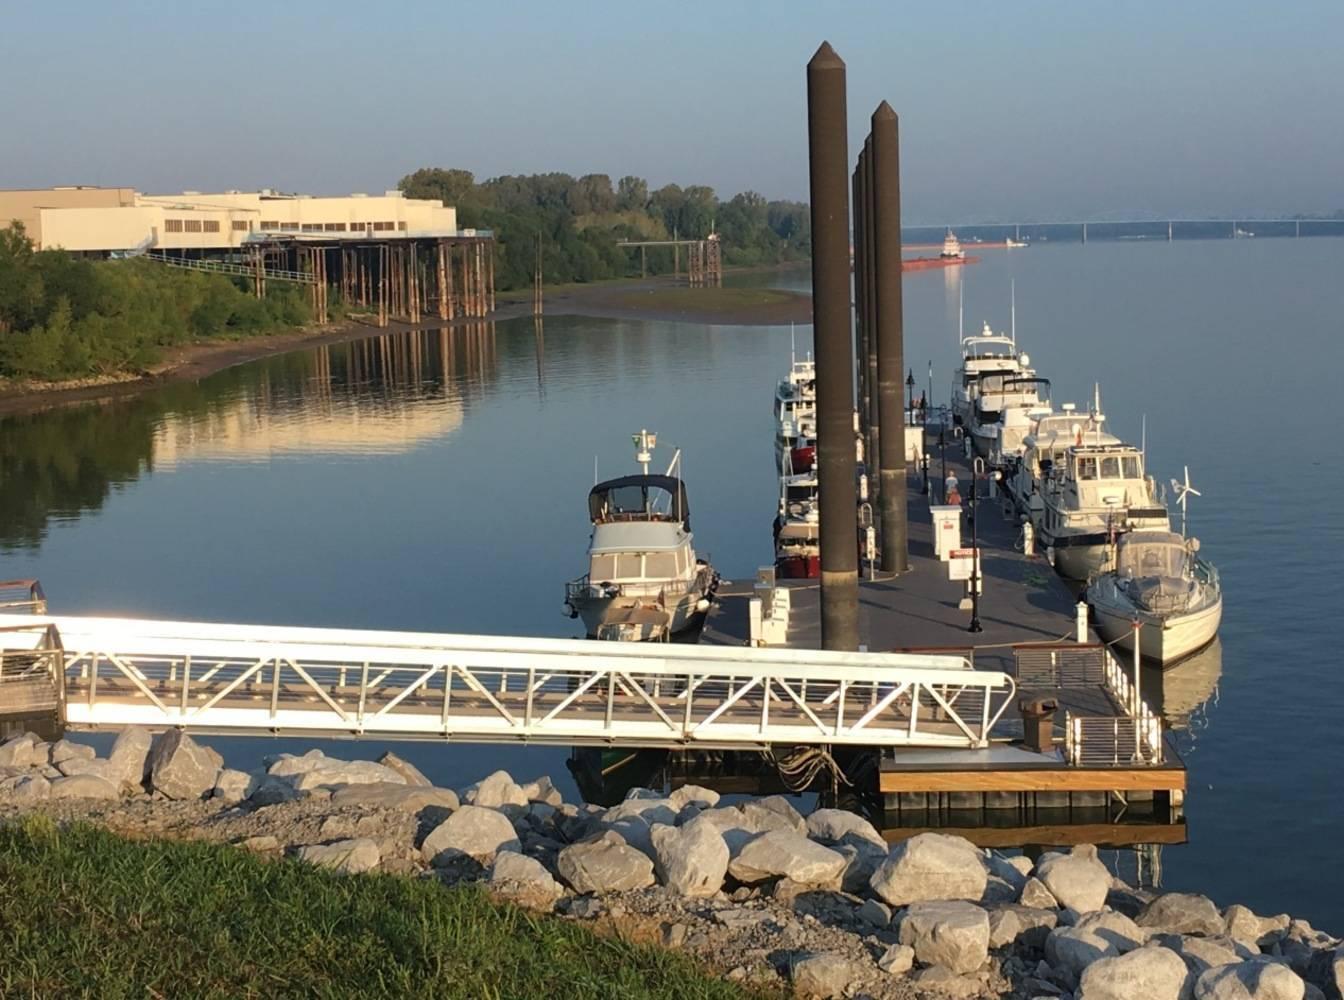 Paducah Transient Dock